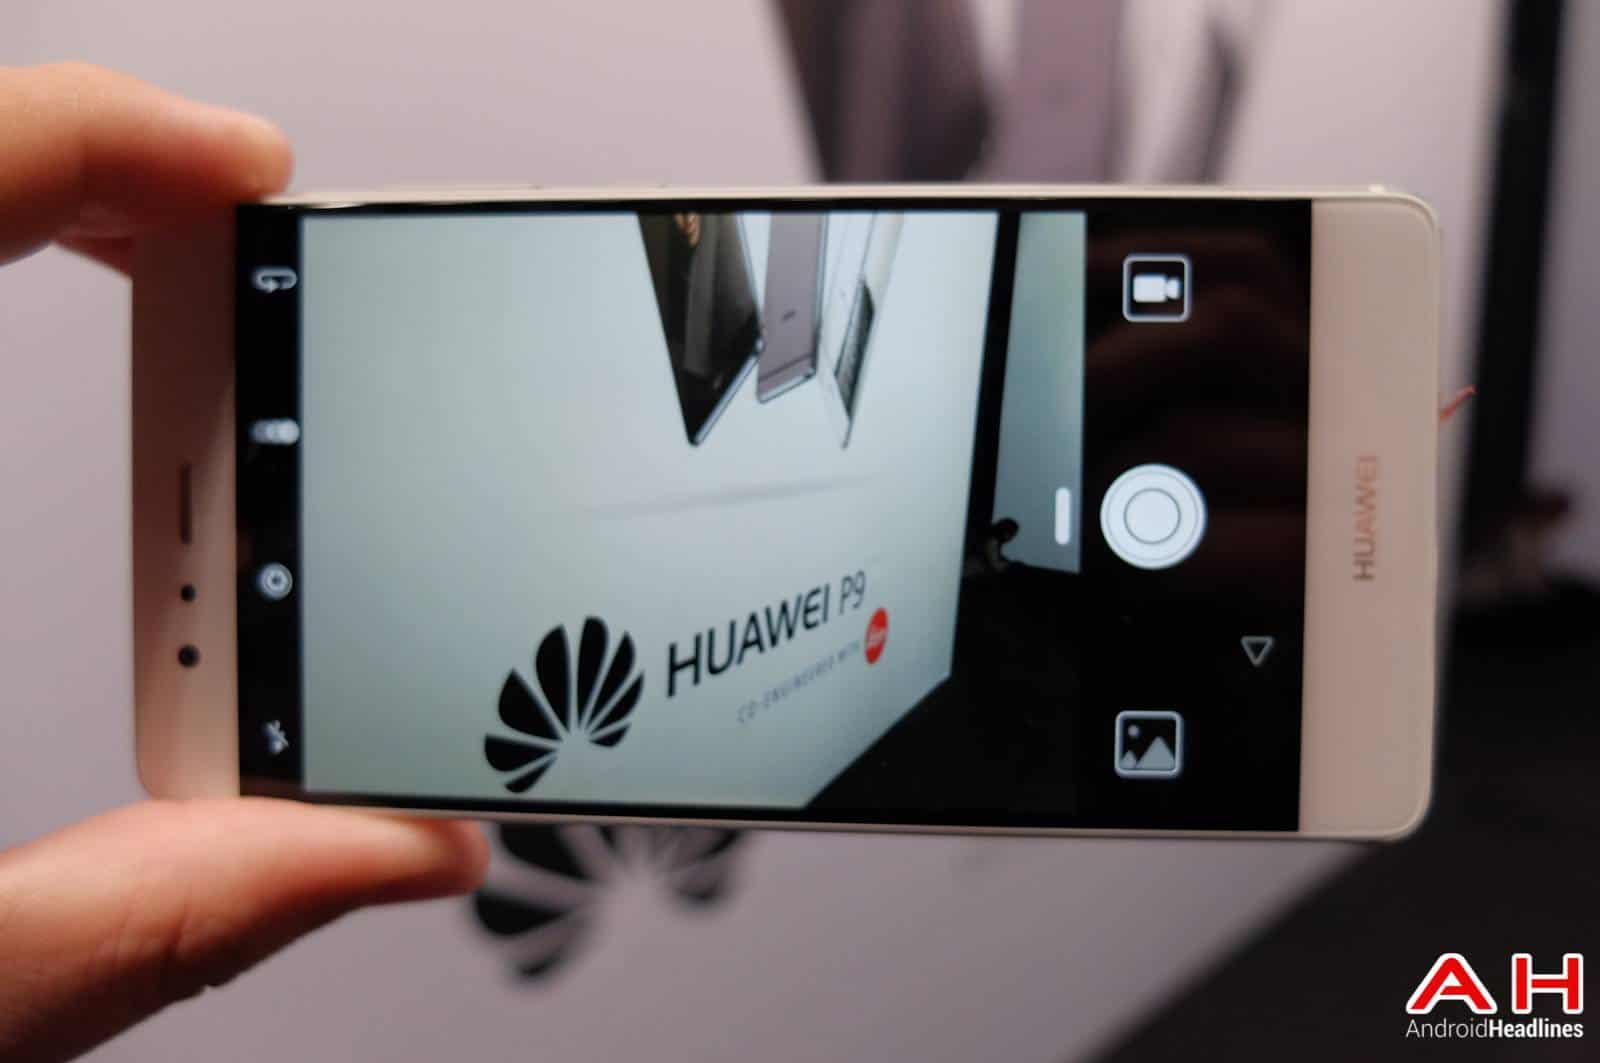 Huawei P9 AH 0474